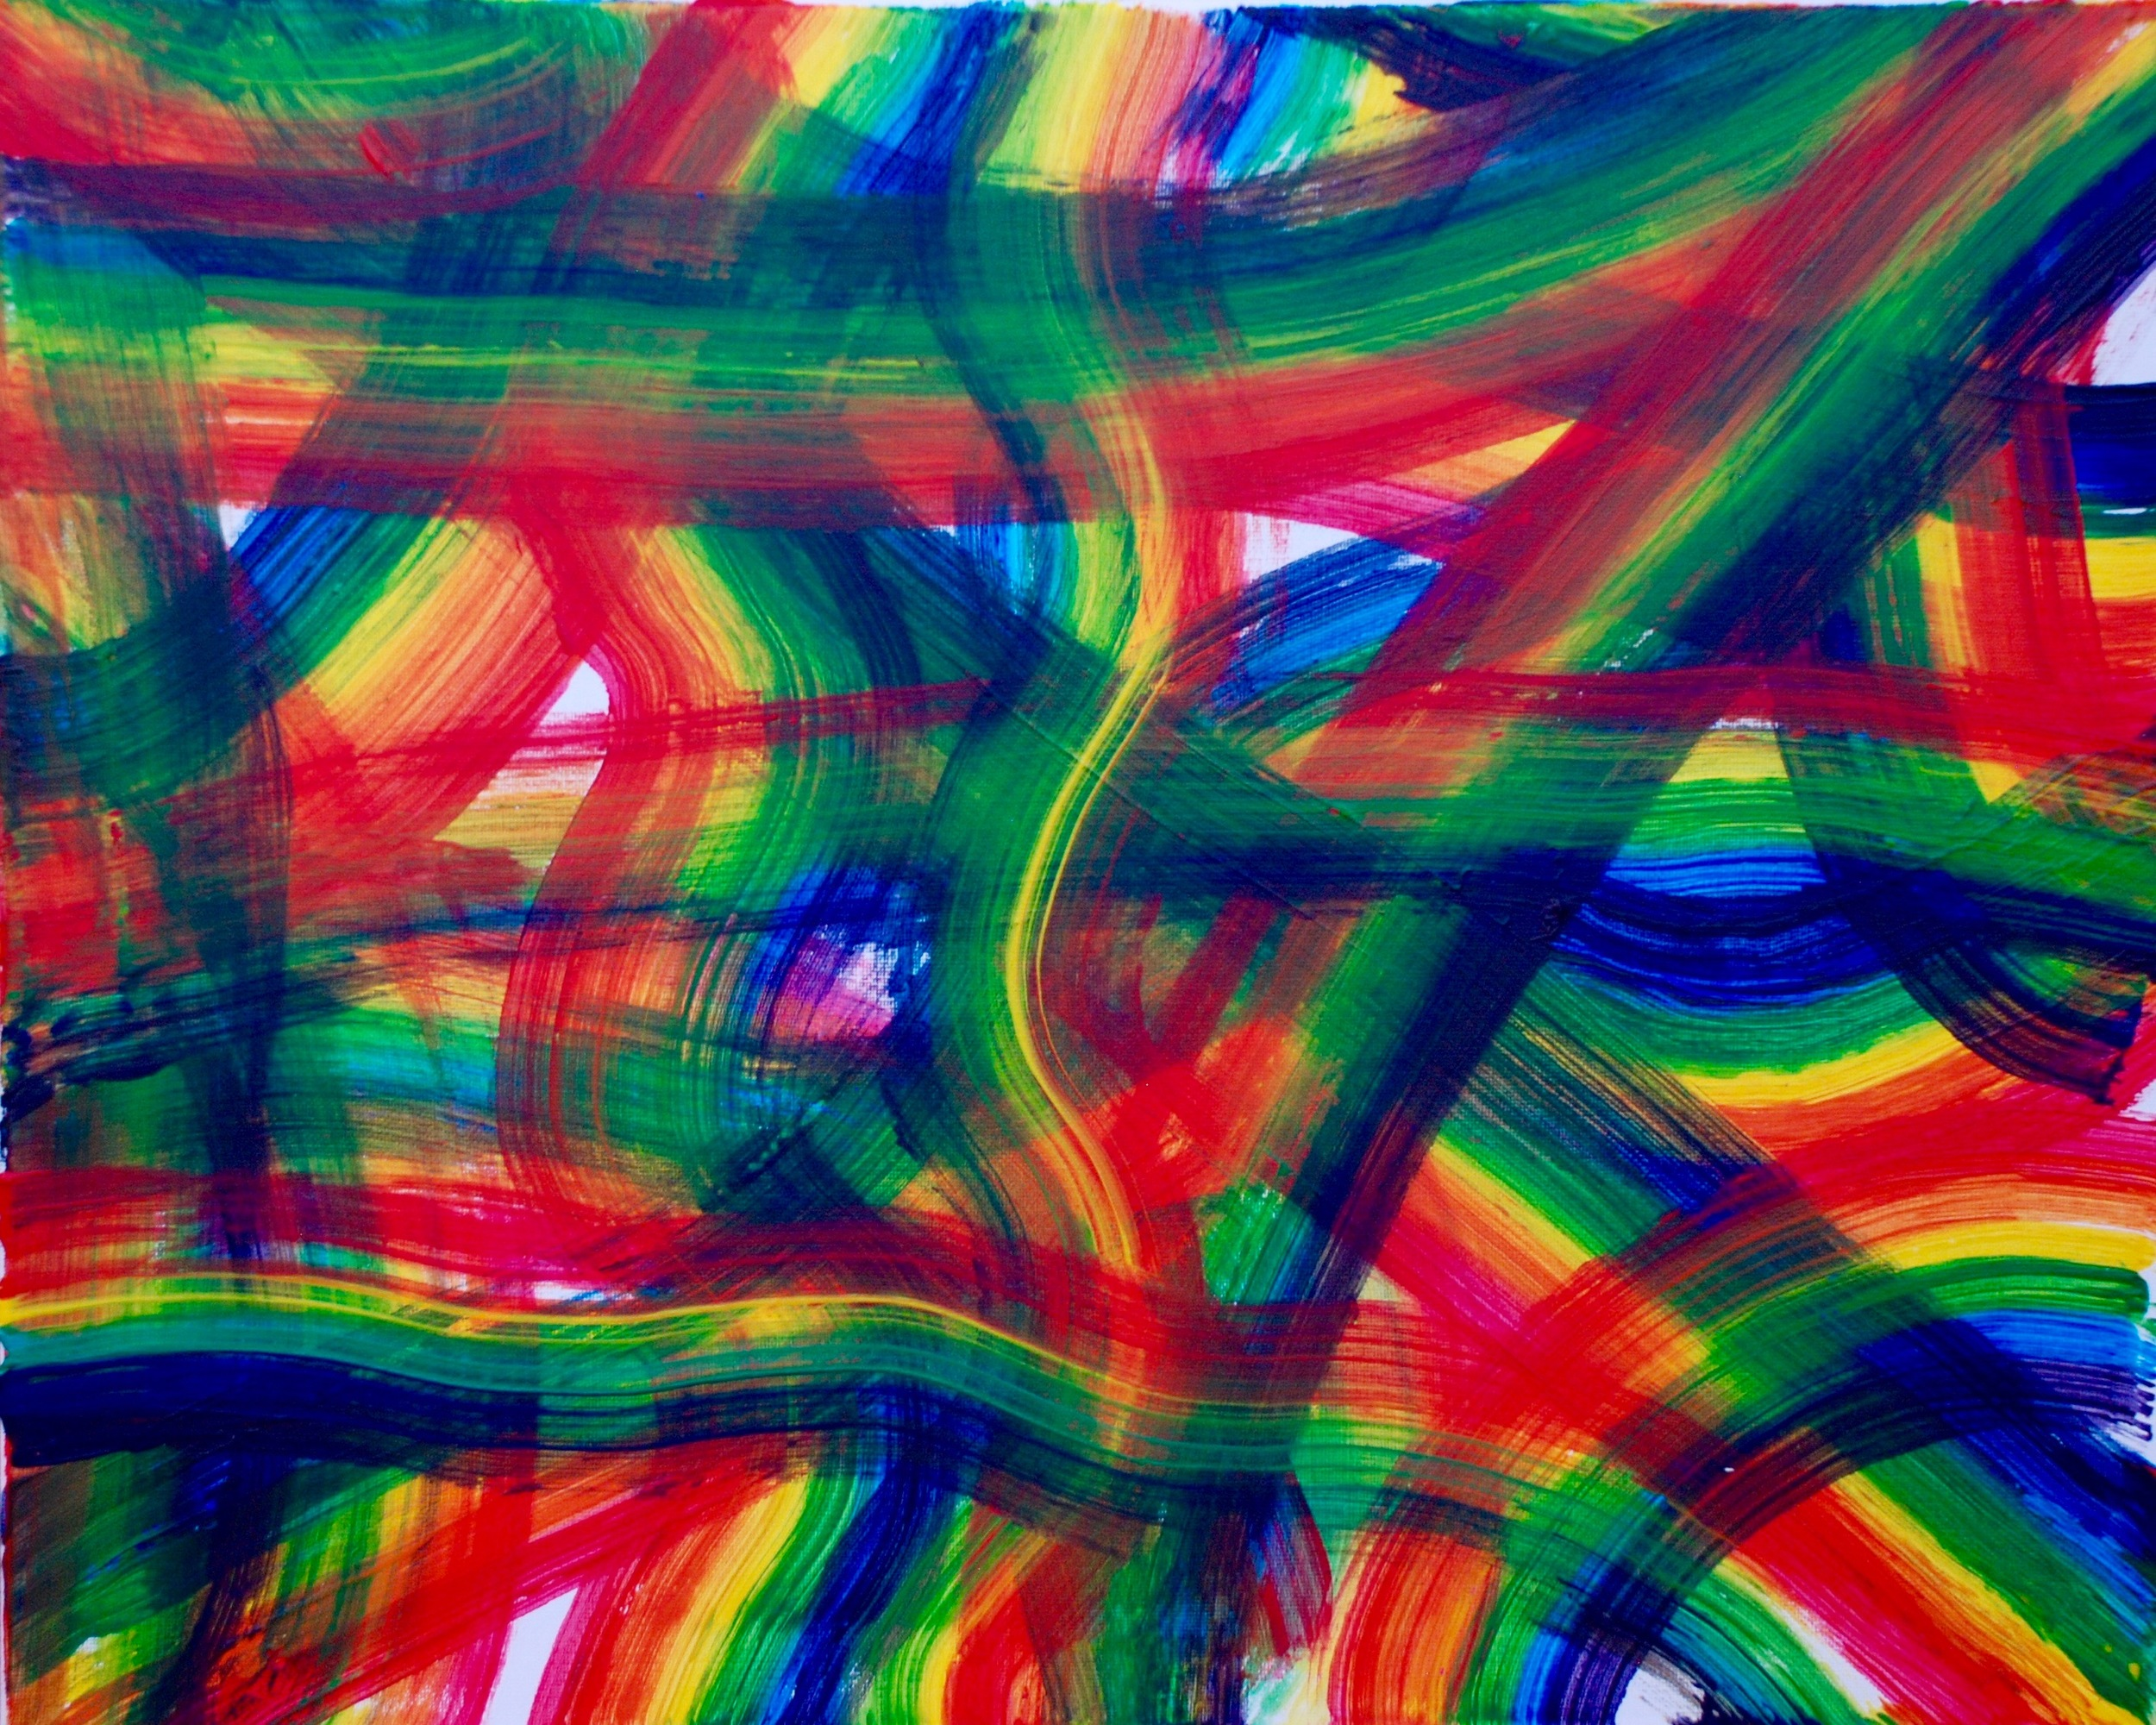 VII: Fouillis d'arcs-en-ciel, pour l'Ange qui annonce la fin du Temps